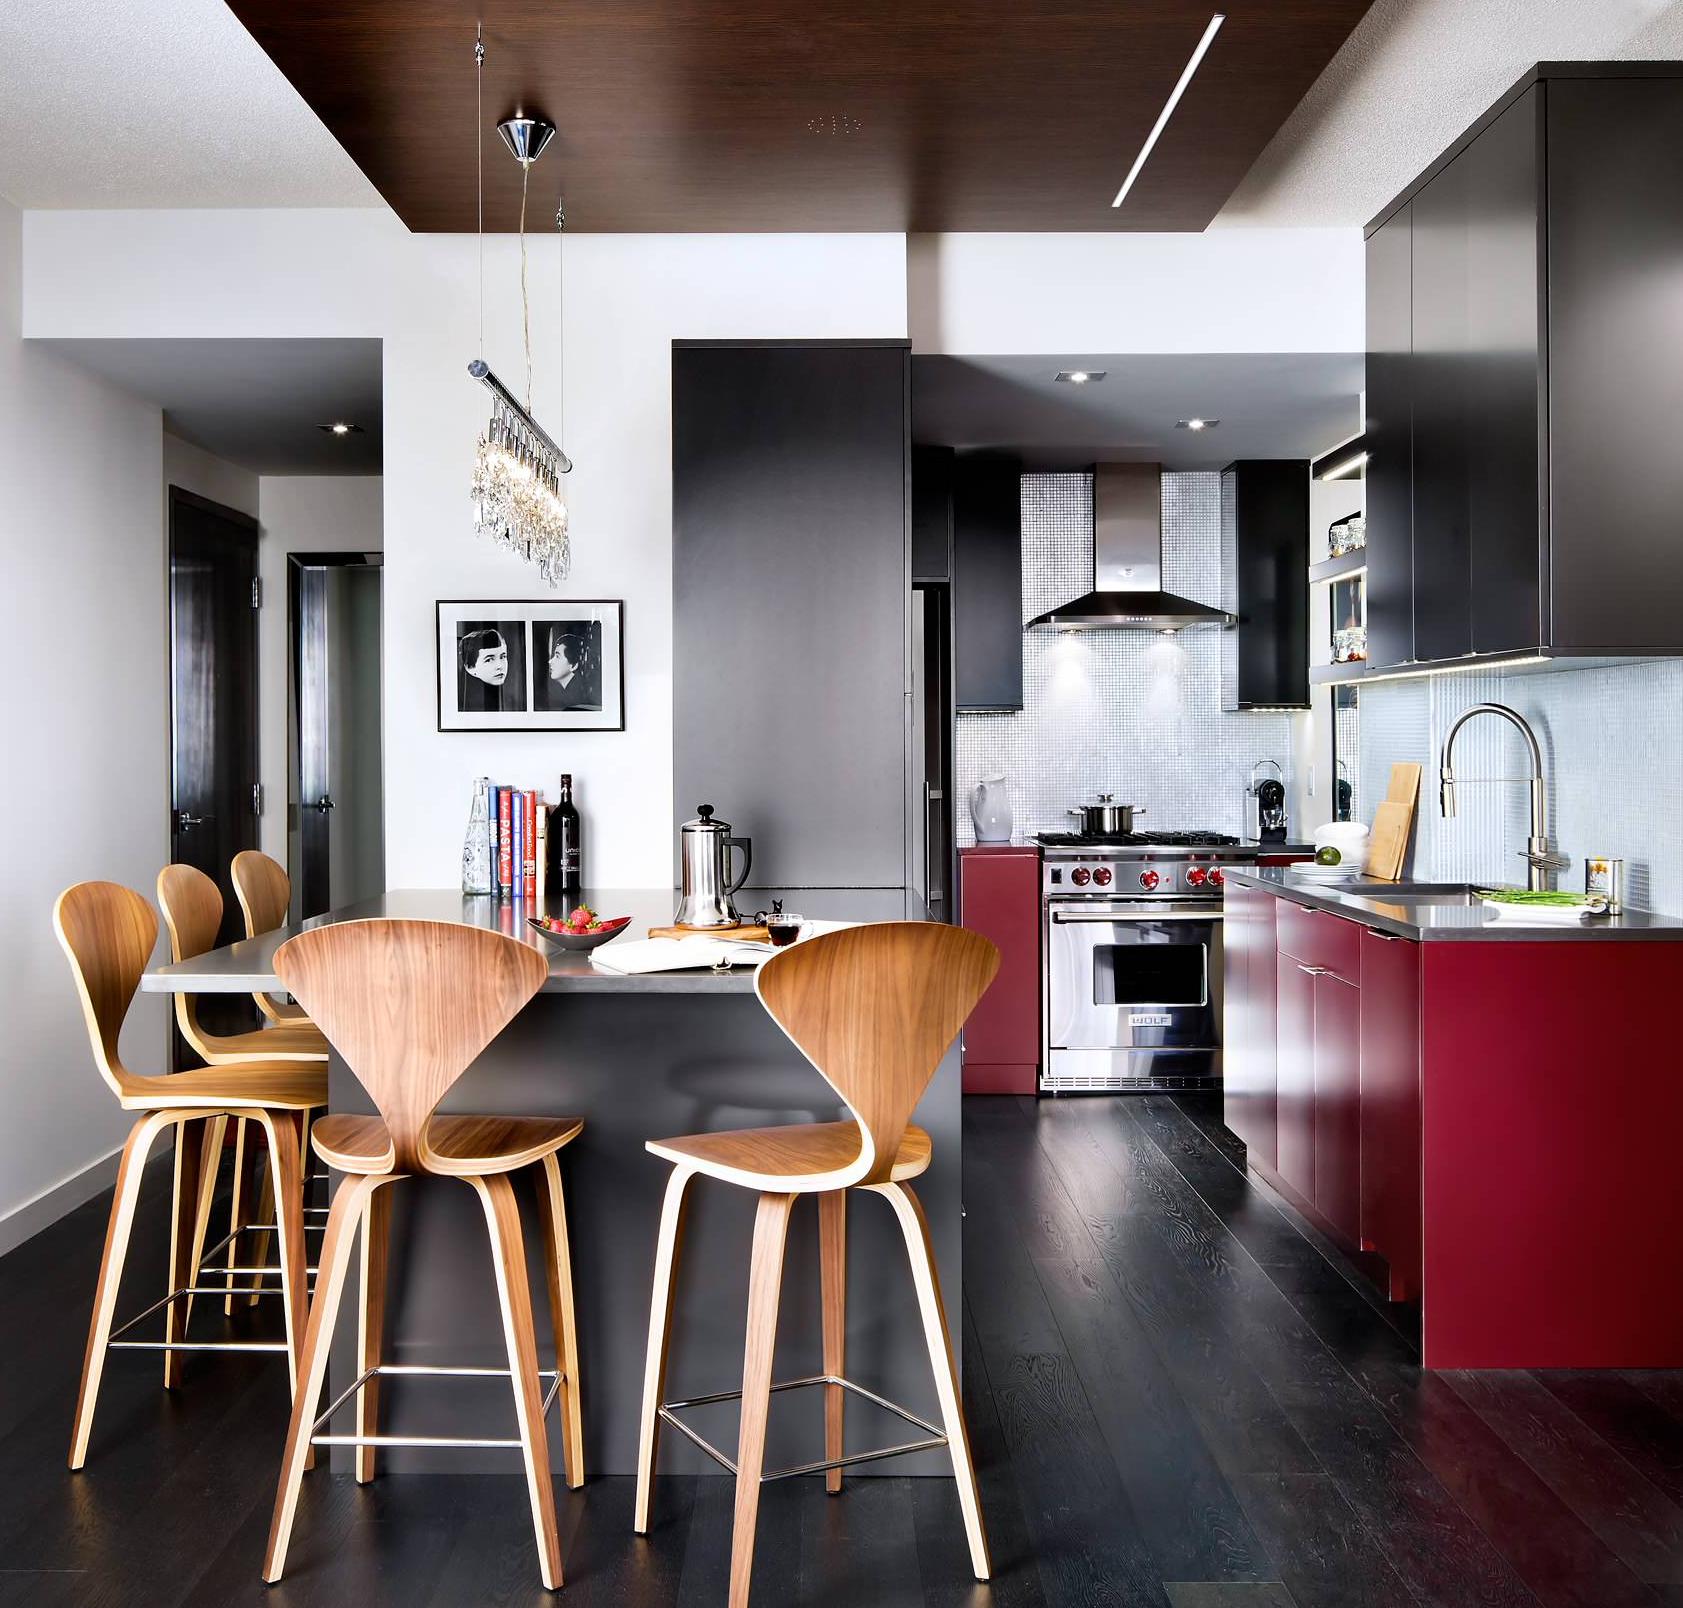 Mobilier mat rouge foncé à l'intérieur d'une cuisine moderne